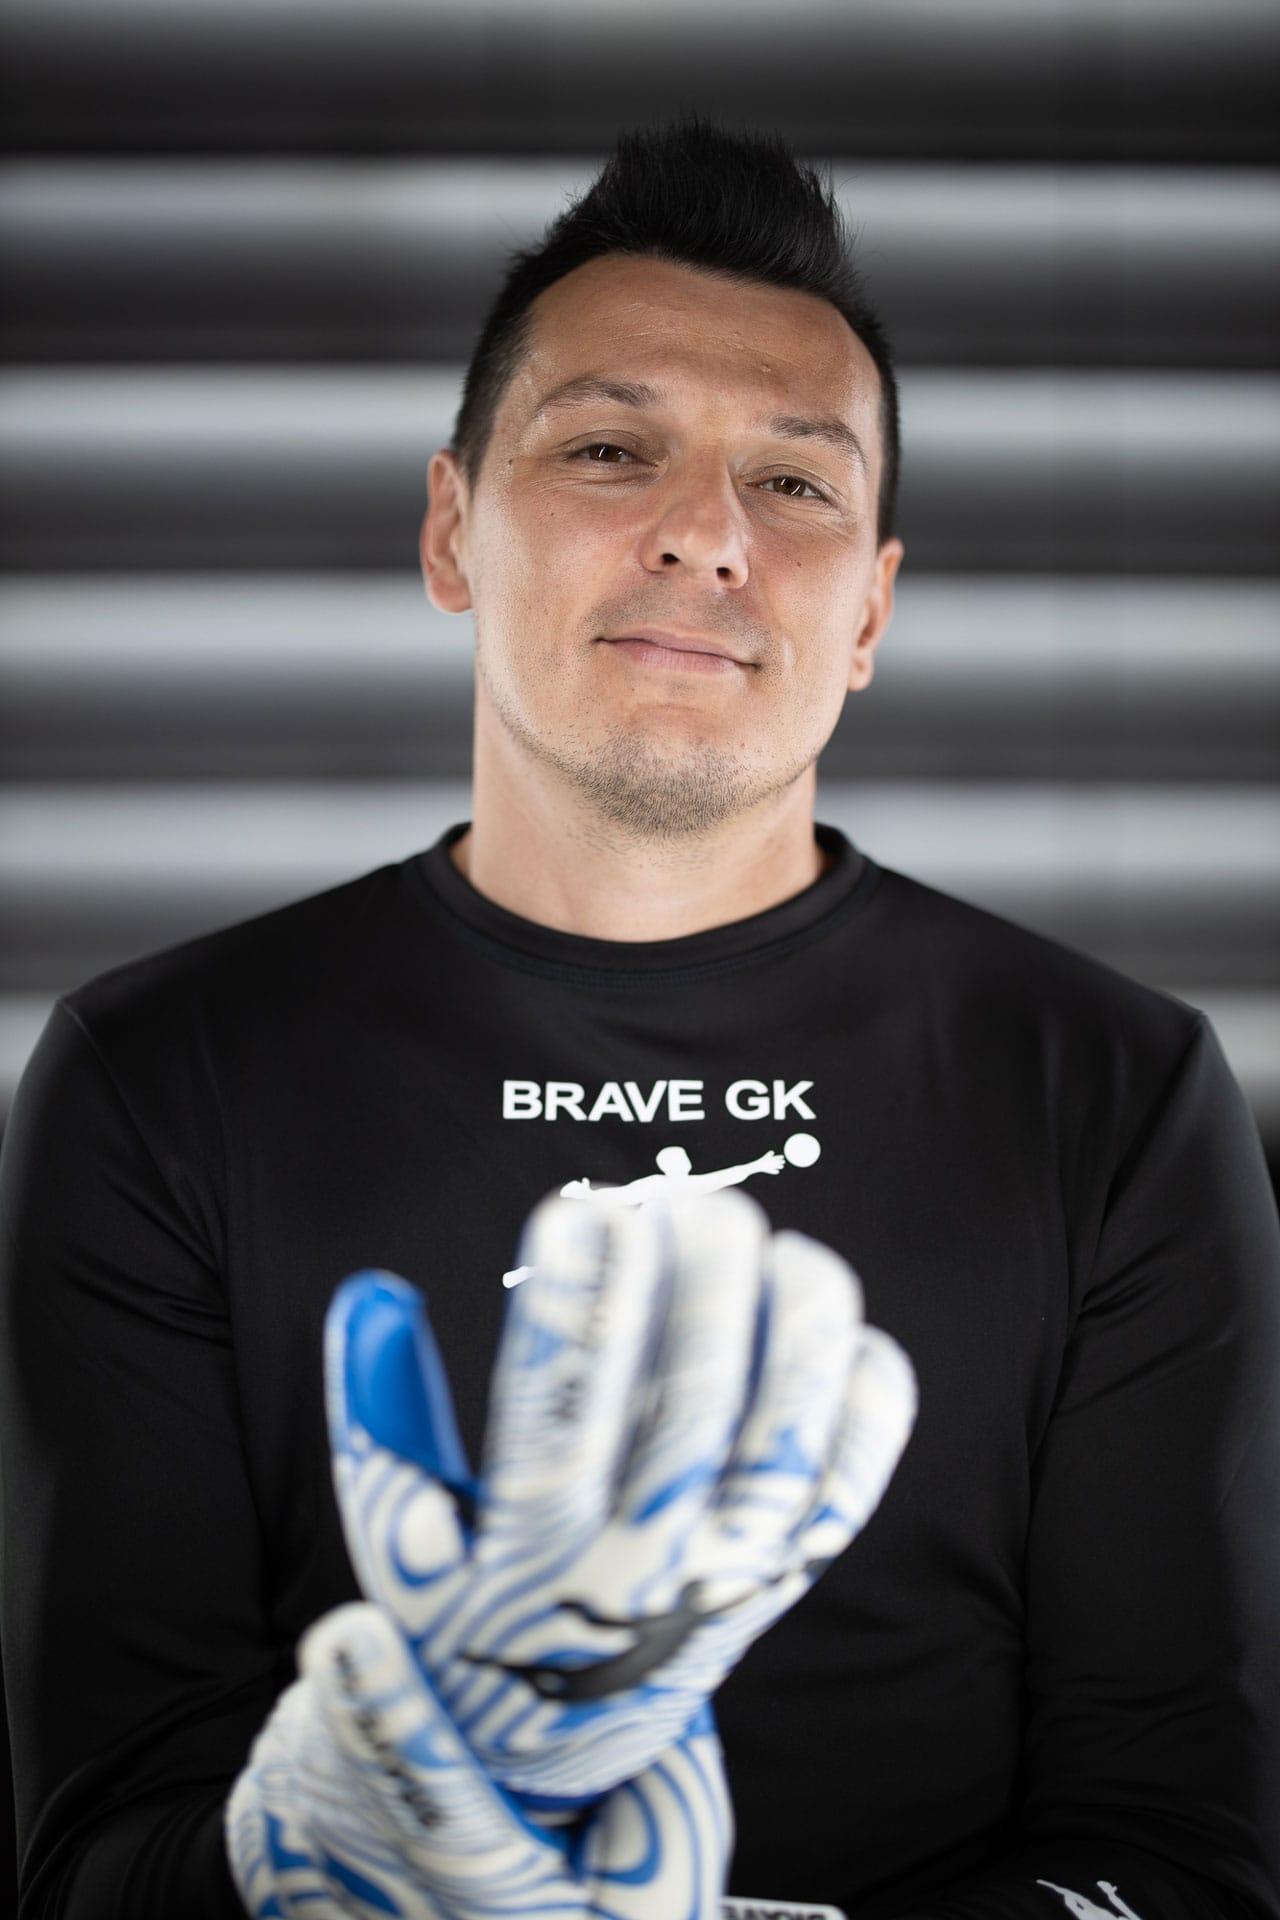 Інтерв'ю Рустама Худжамова для Brave GK - інтернет-магазин Brave GK